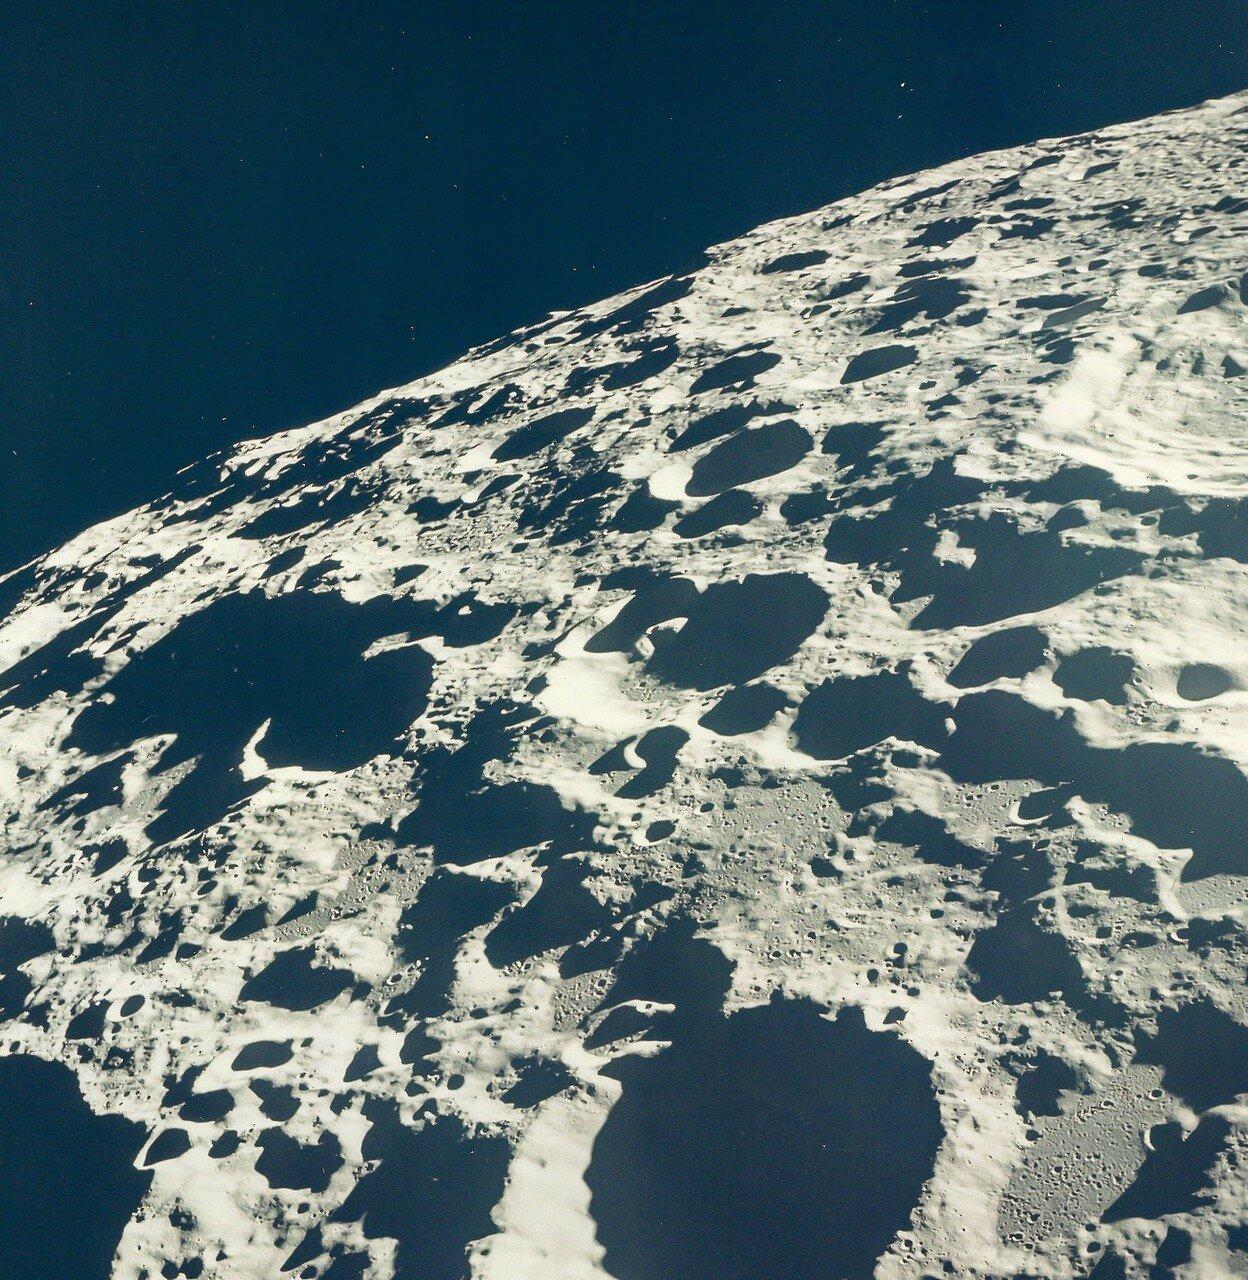 «Аполлон-11» вышел на окололунную орбиту. Пока связи не было, астронавты разглядывали открывавшиеся перед ними пейзажи обратной стороны Луны и много фотографировали. На снимке: Обратная сторона Луны